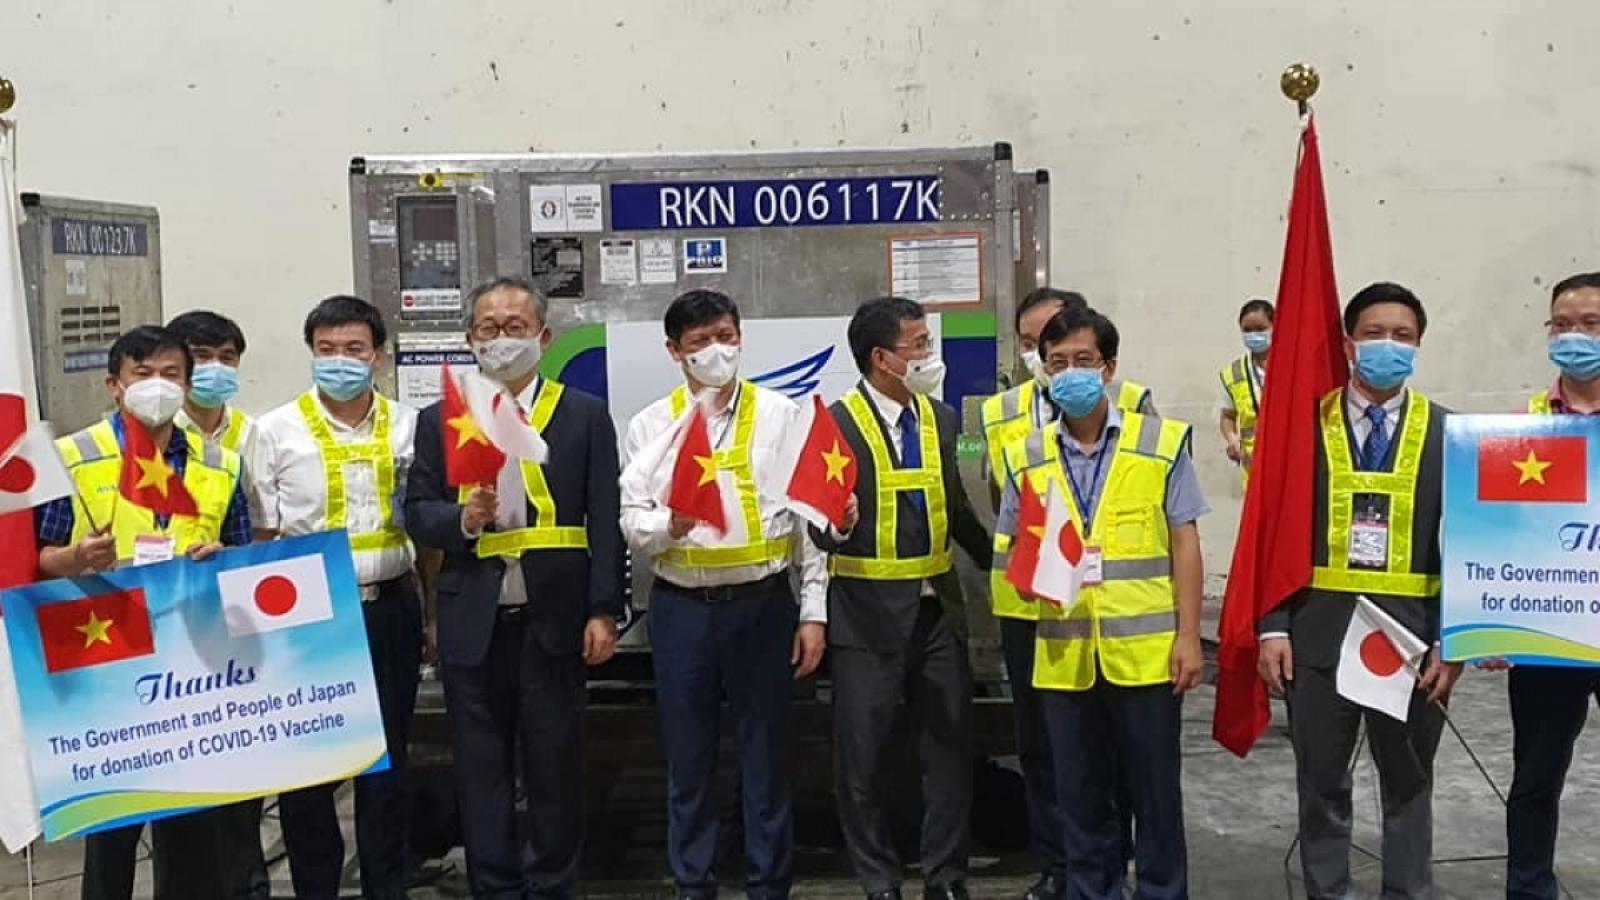 Nhật Bản tiếp tục viện trợ cho Việt Nam thêm 1 triệu liều vaccine AstraZeneca